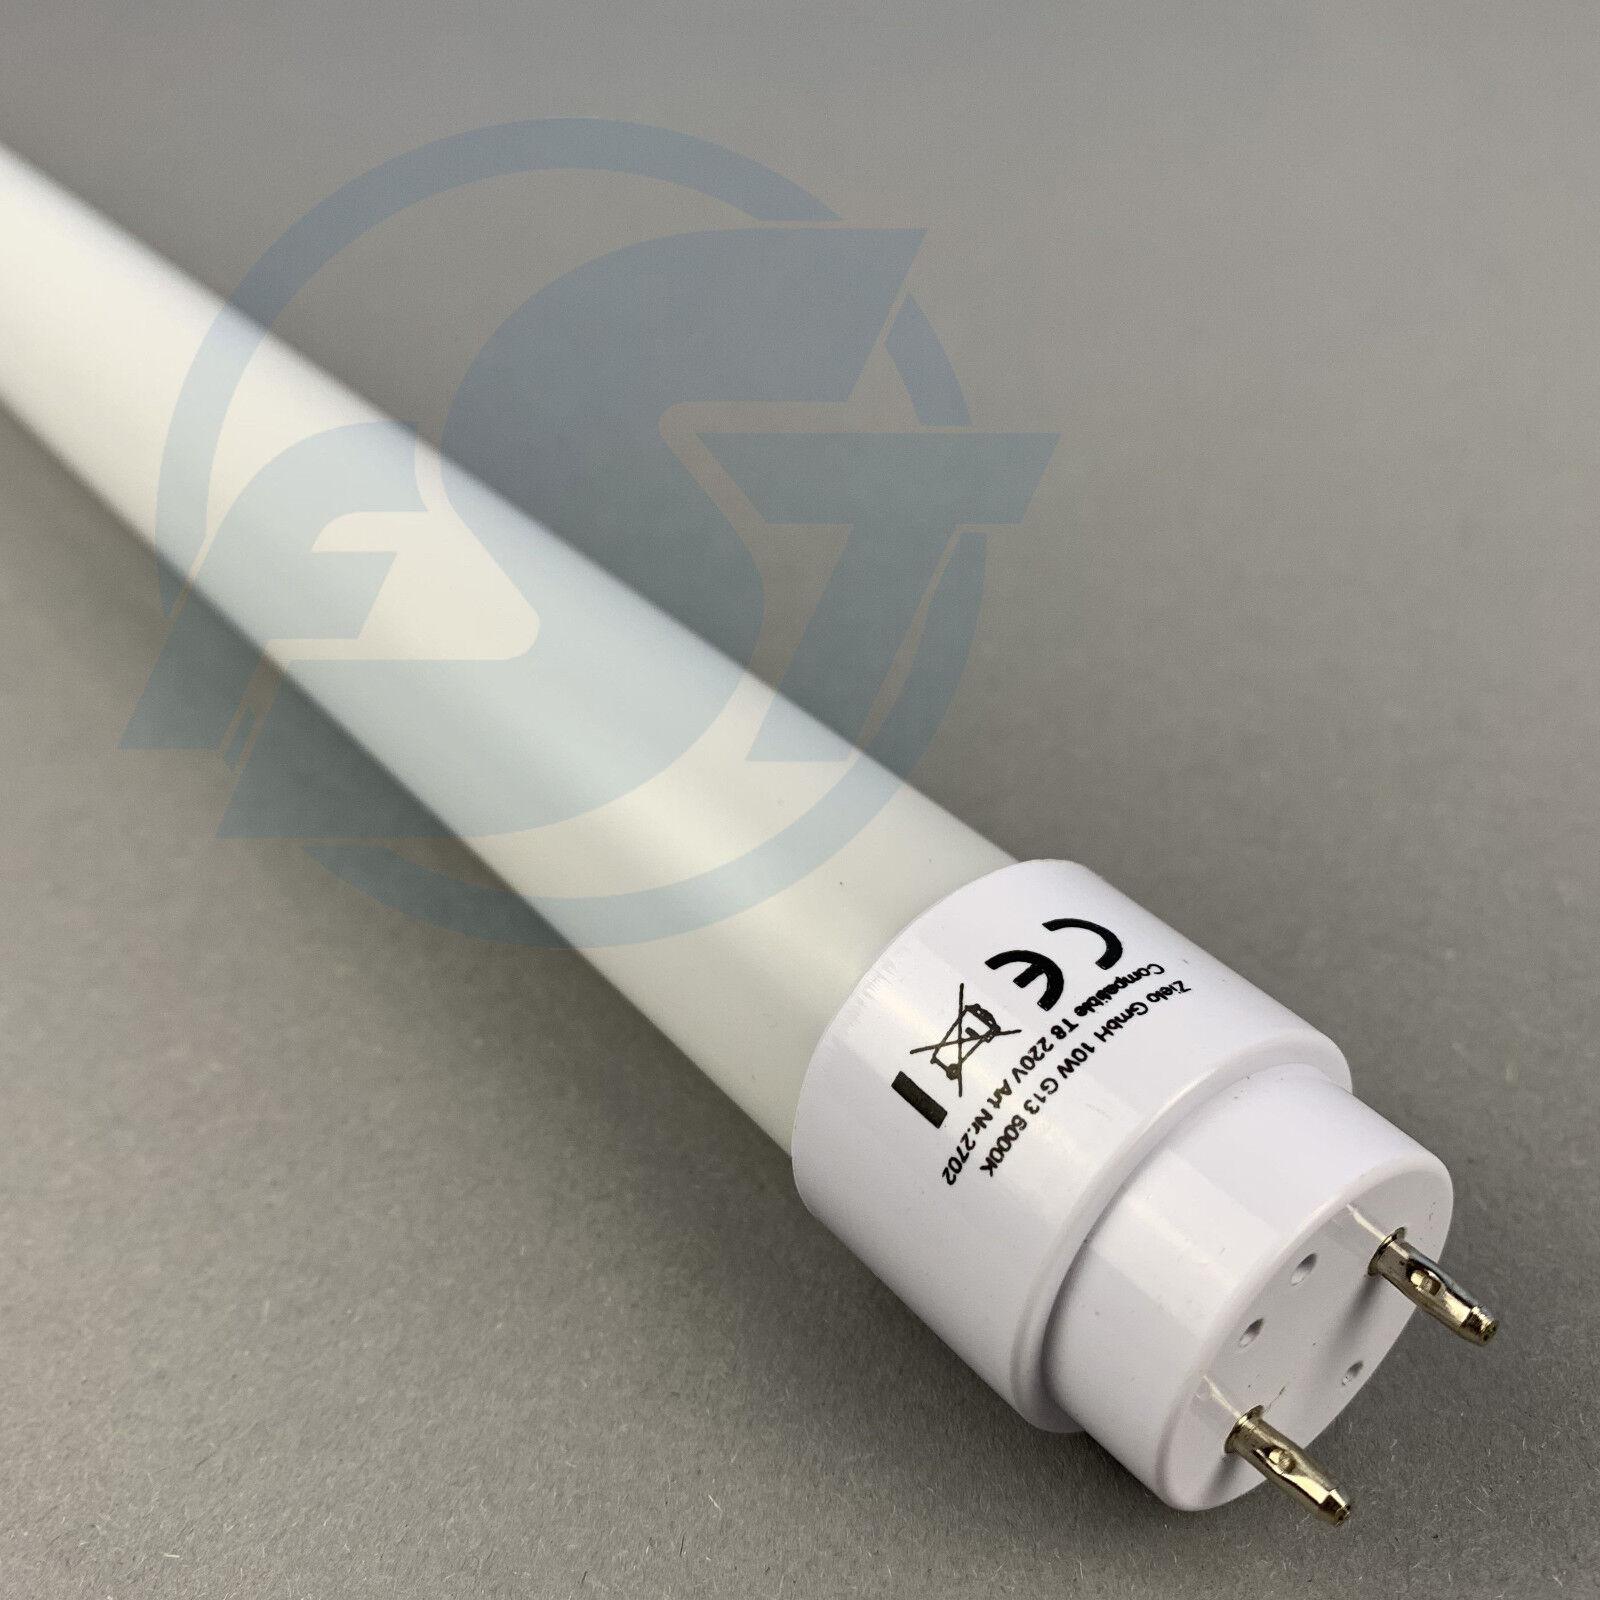 LED tubo Tube Premium per EVG t8 g13 TÜV ricambio per tubo fluorescente a + 330 gradi